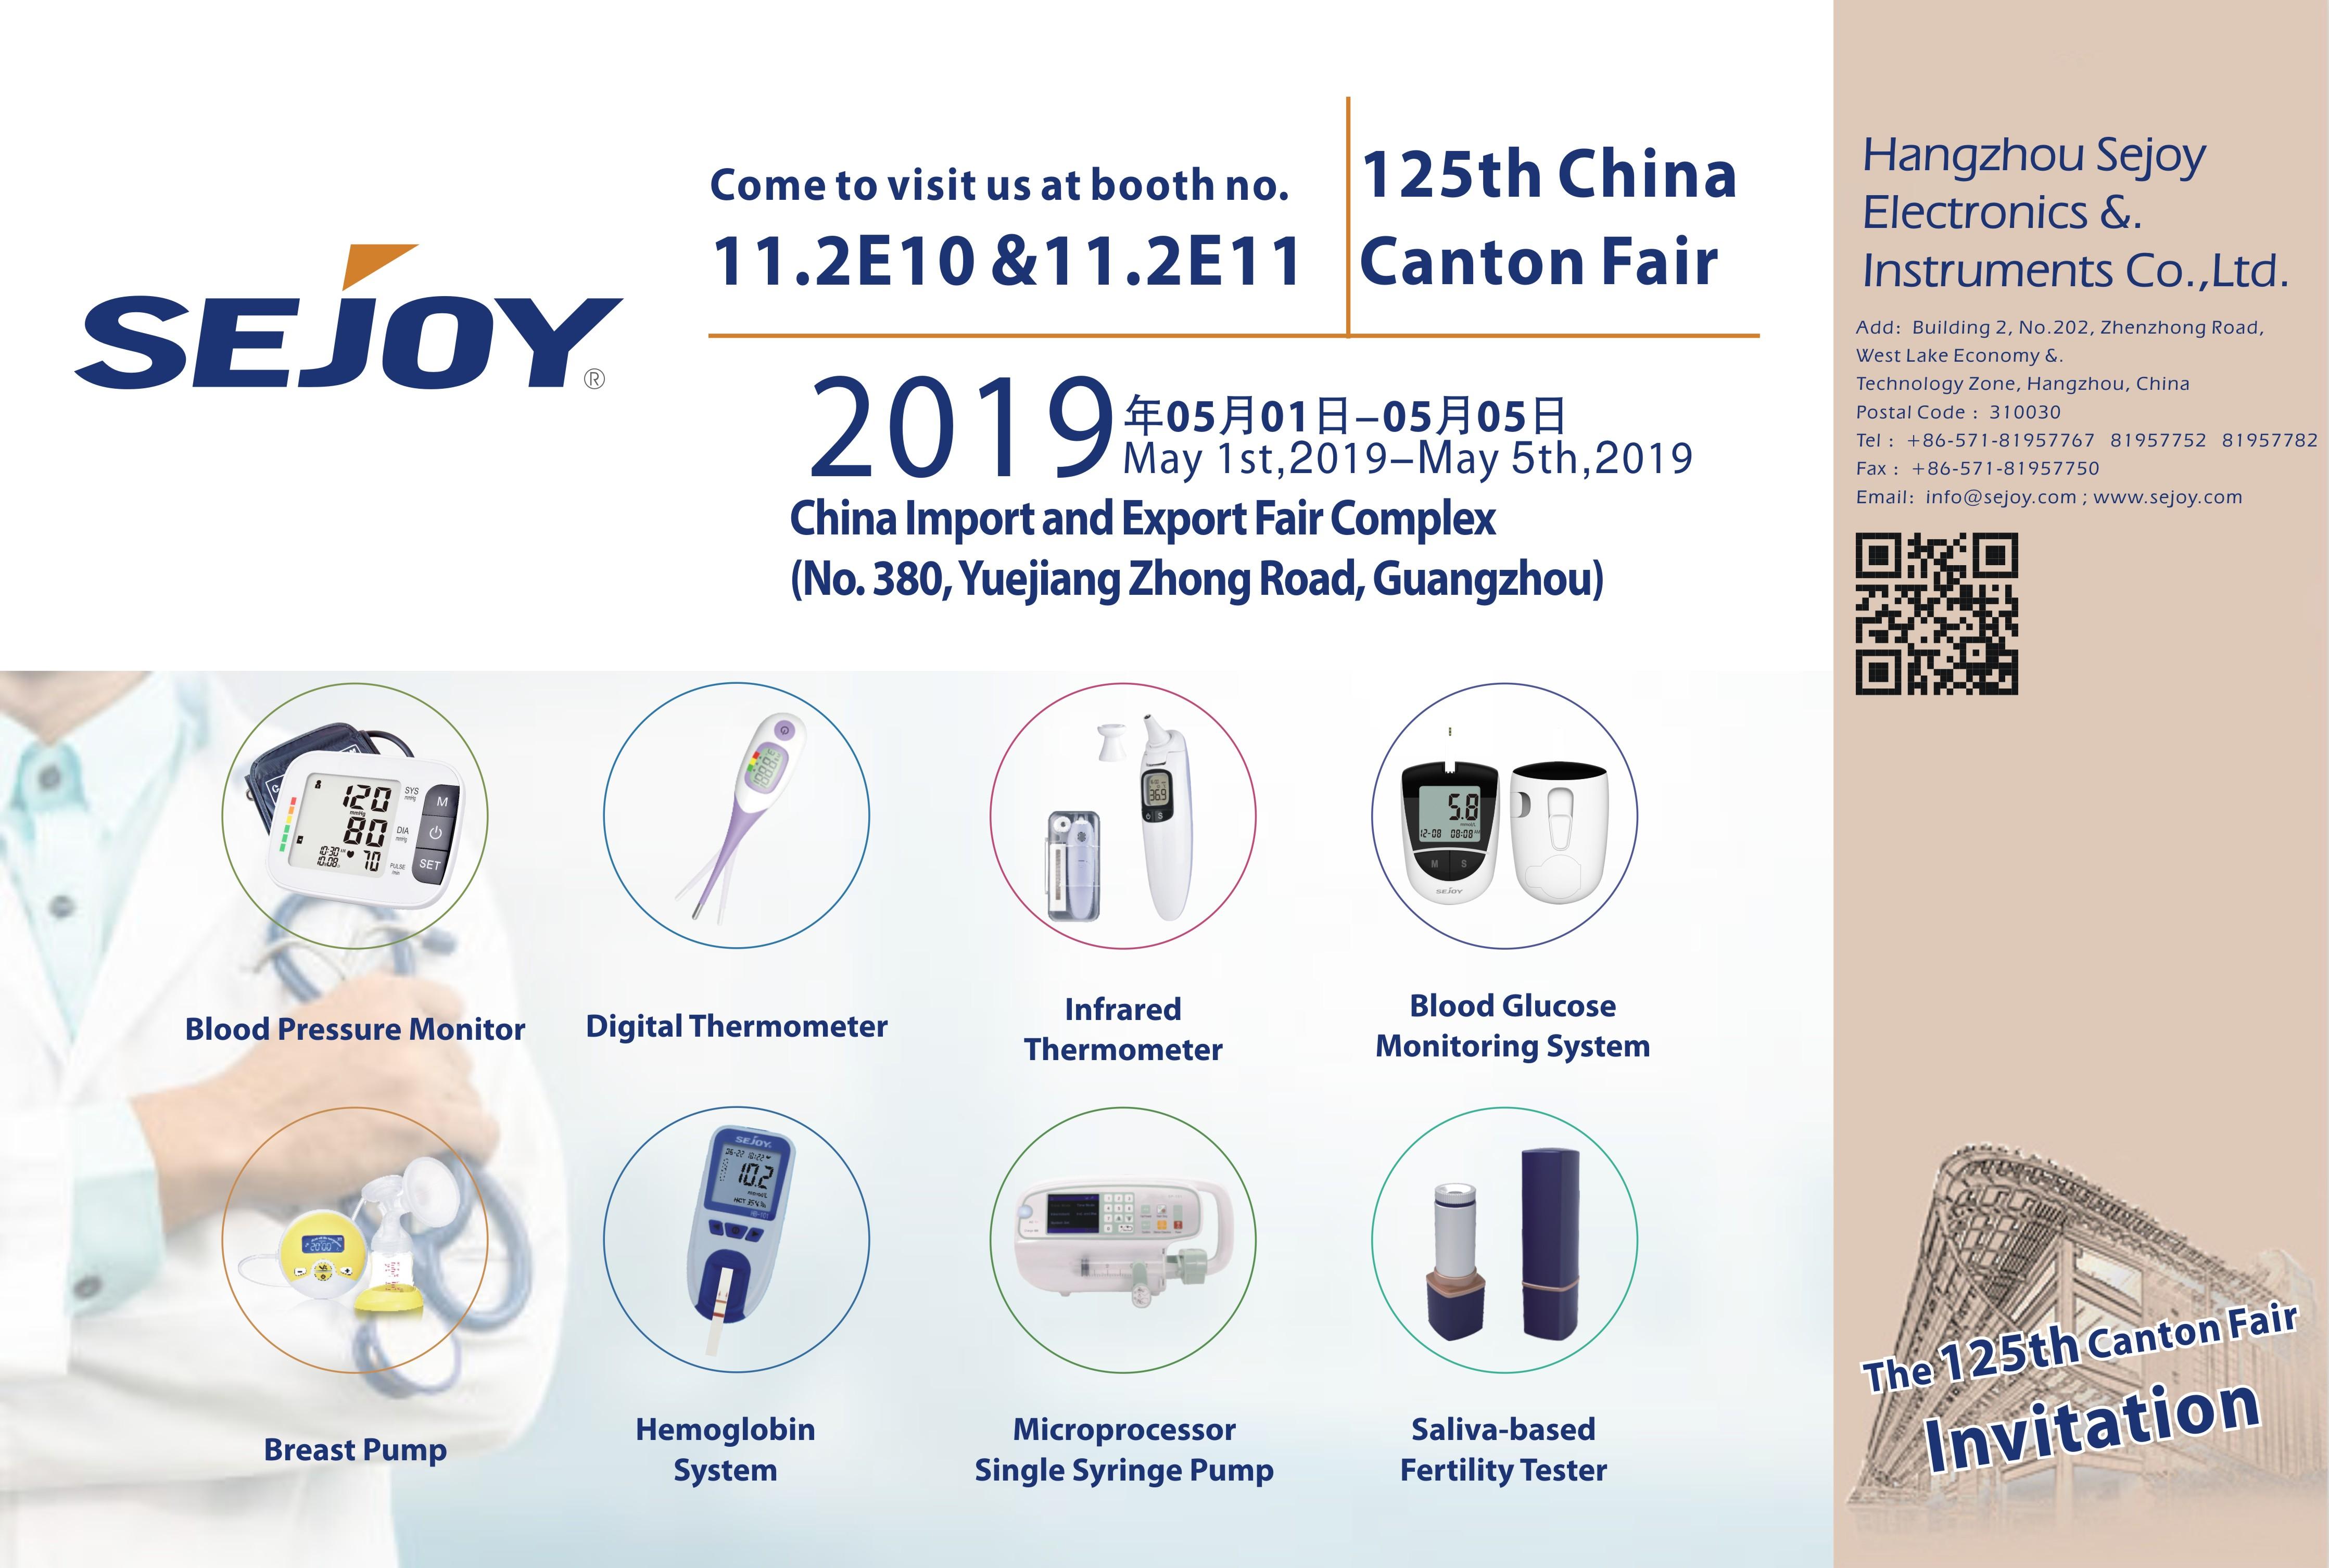 125th Canton Fair invitation